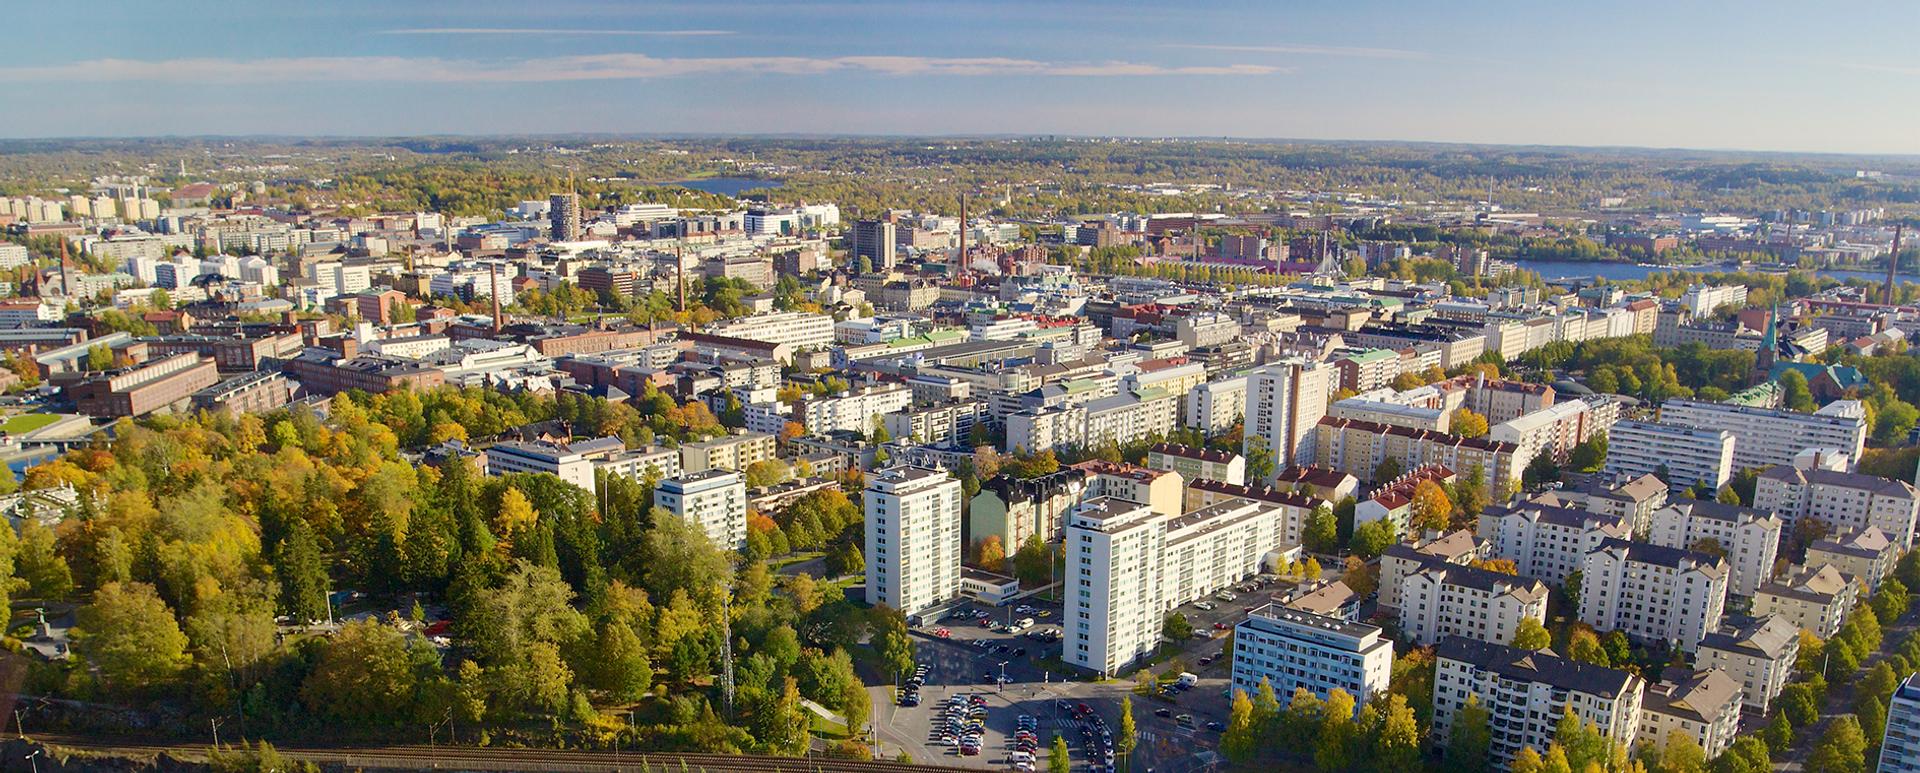 Anticimex Tampereella